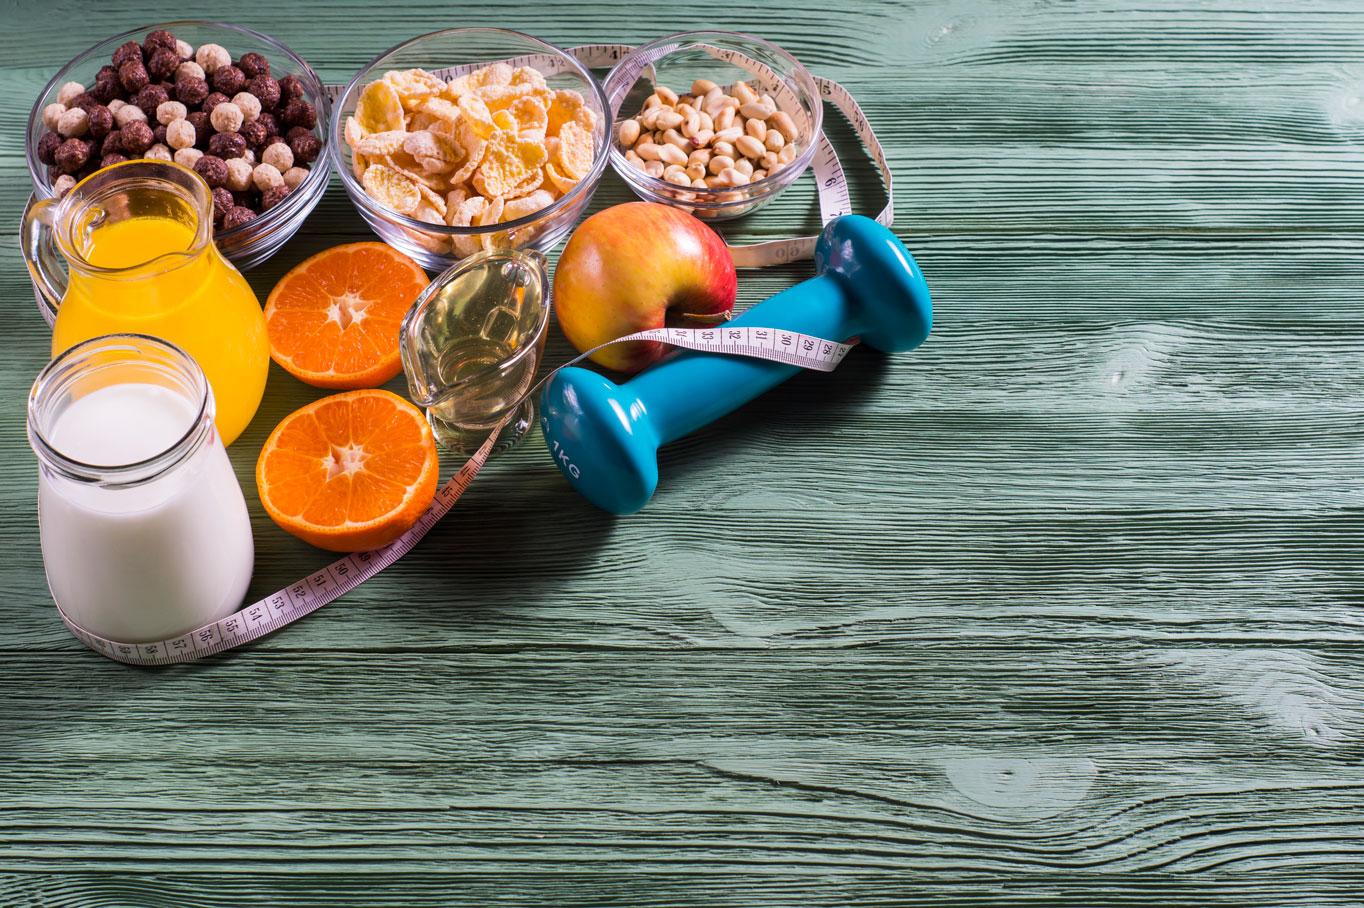 Bật mí mẹo dành cho người muốn giảm cân nhưng lười ăn kiêng và tập gym